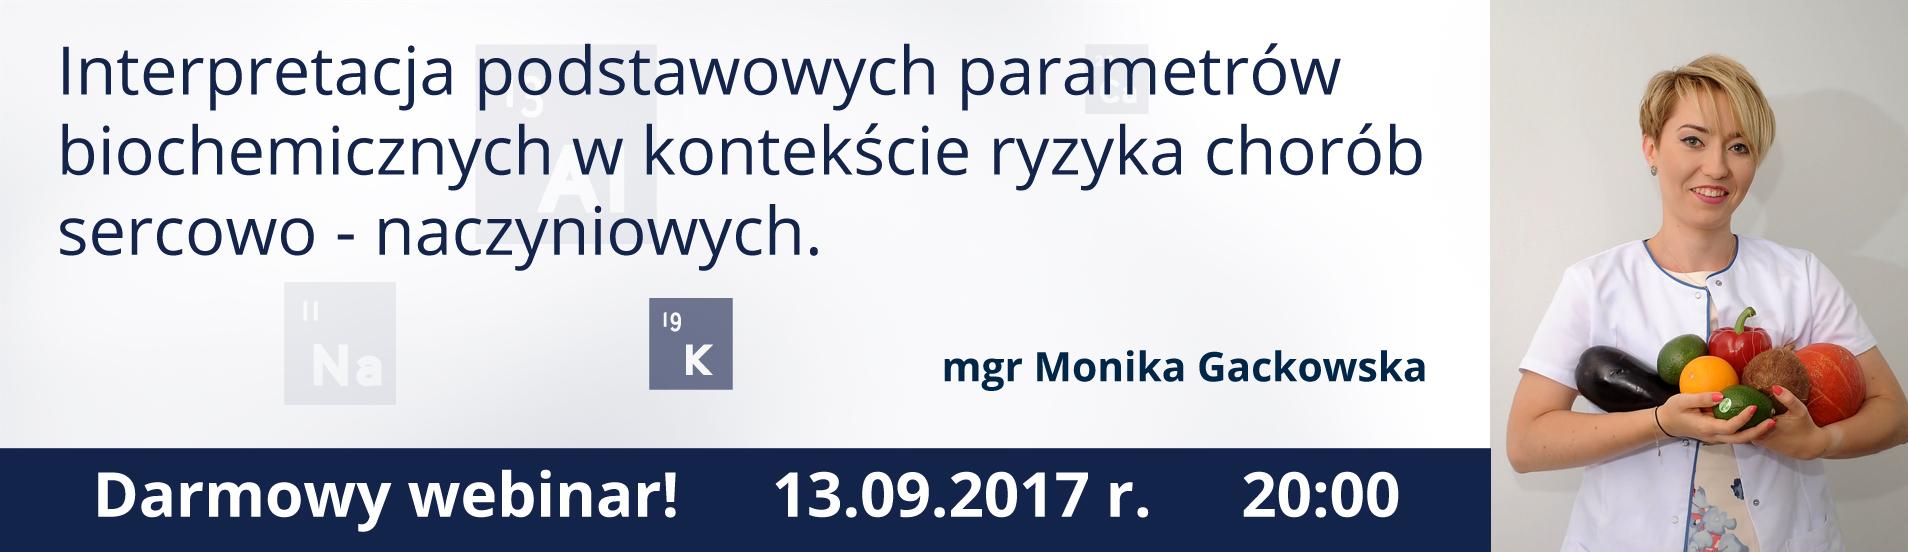 webinar 13.09.2017